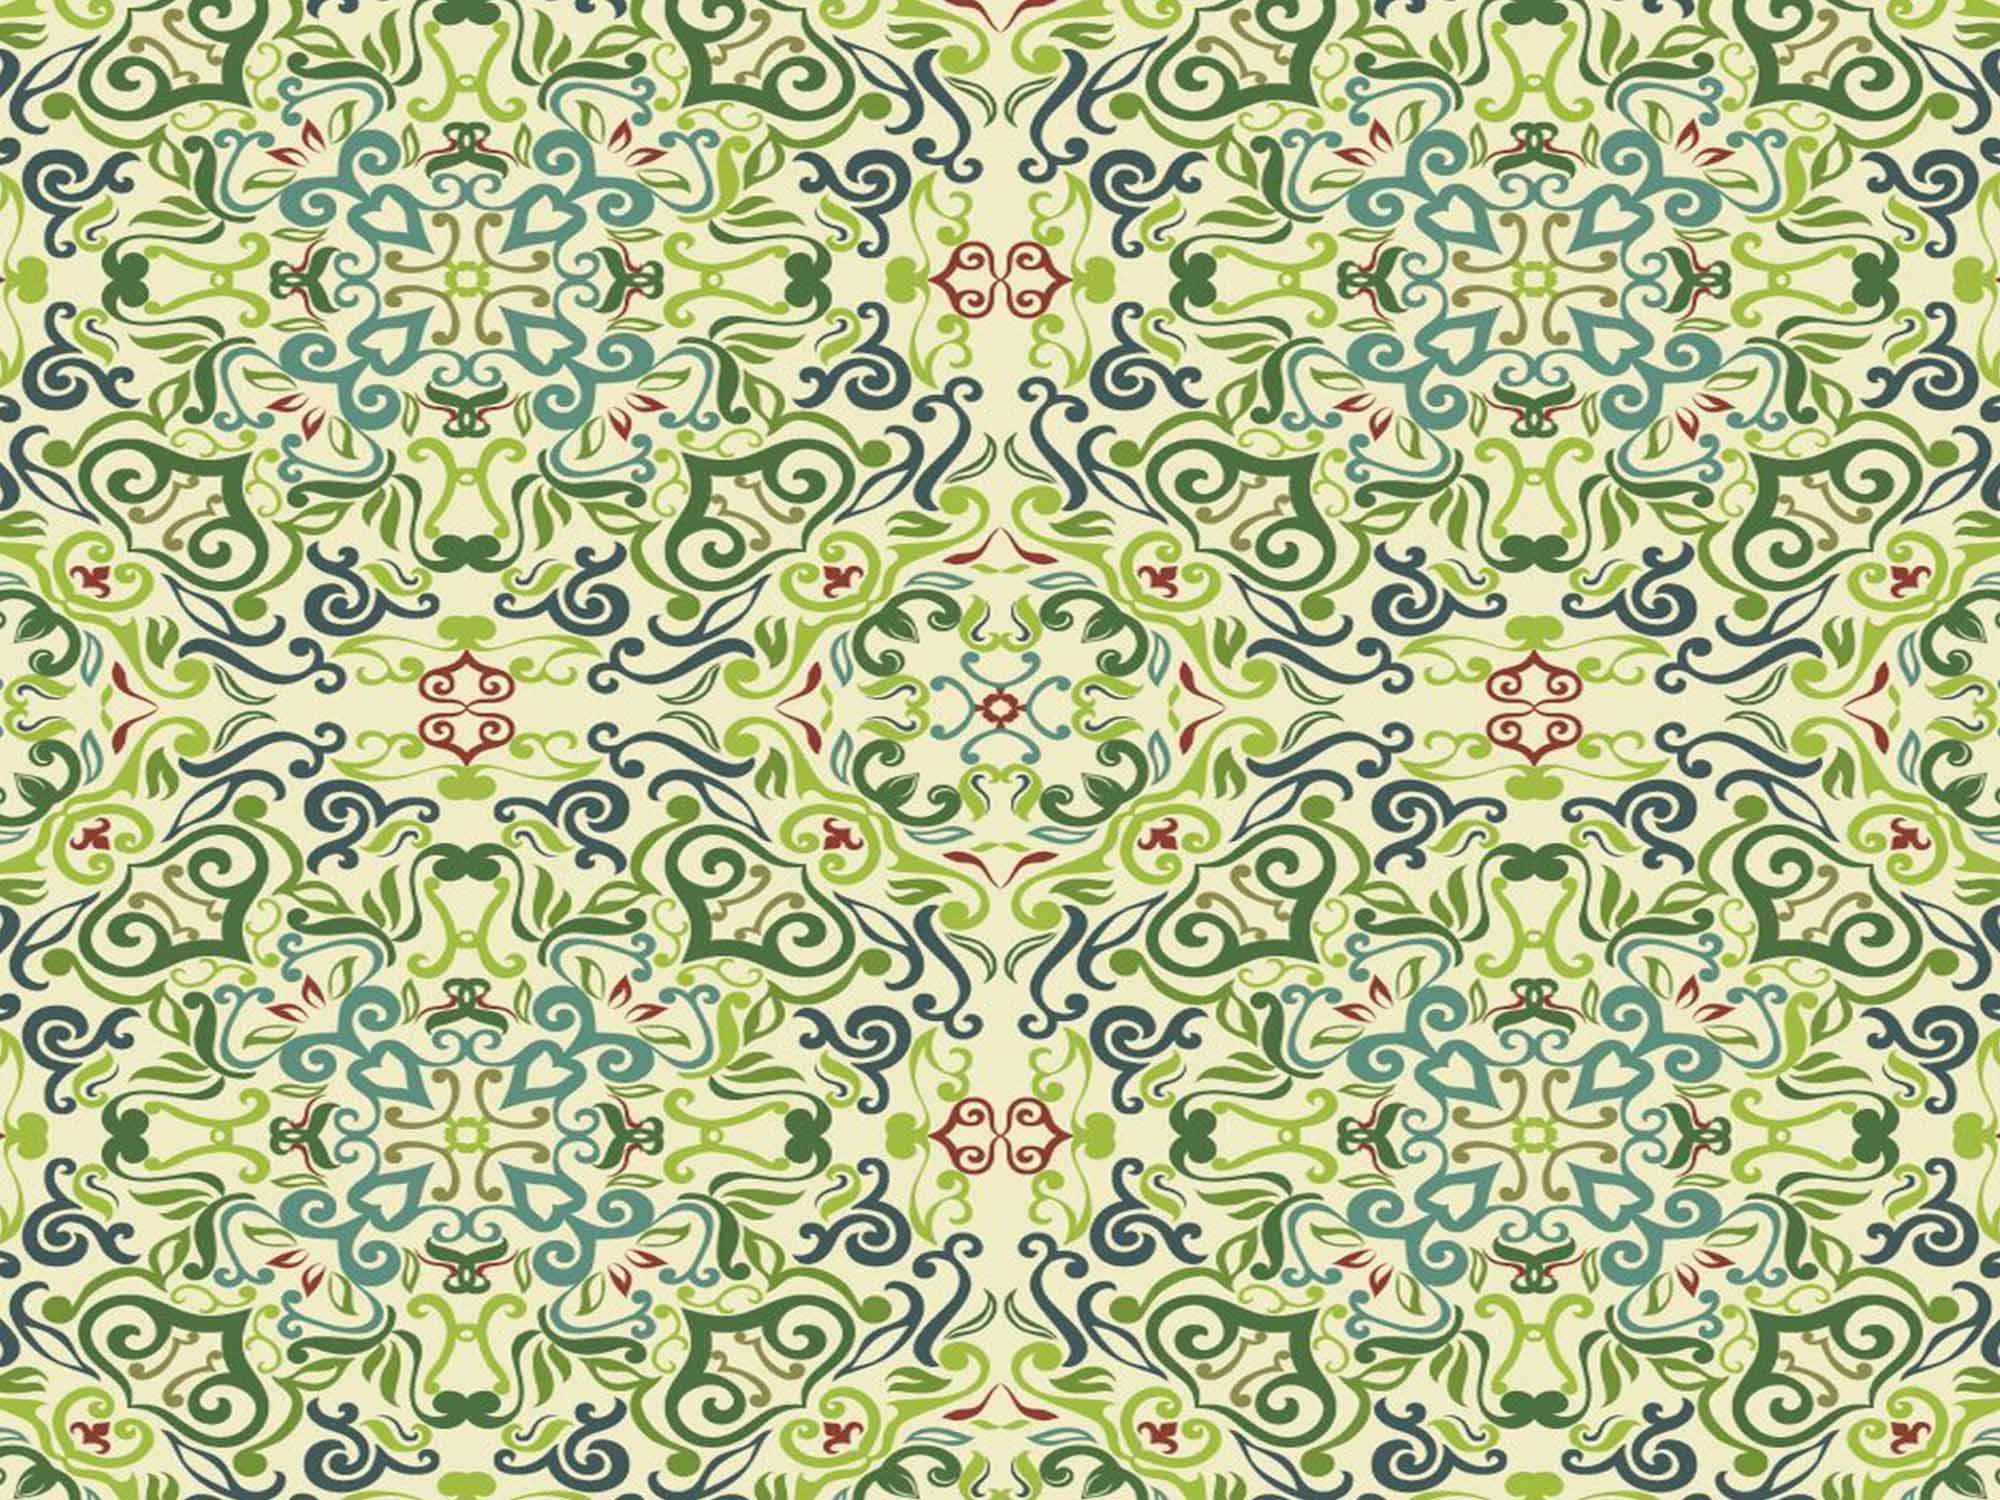 Papel de Parede para Cozinha Azulejos 0010 - Adesivos de Parede  - Paredes Decoradas